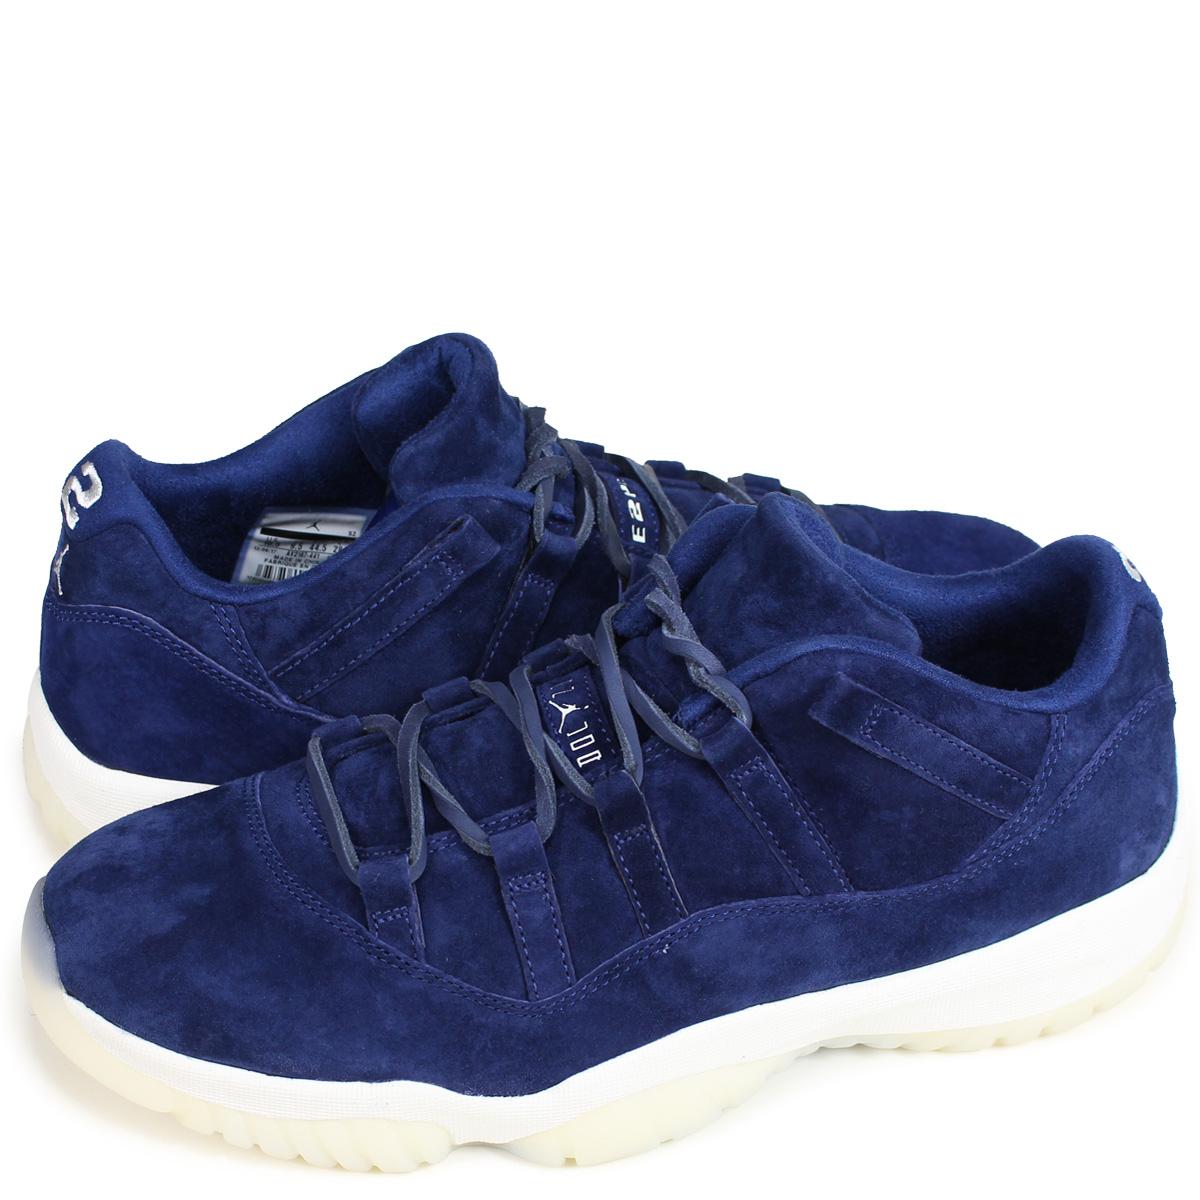 huge selection of 46dee 77892 NIKE AIR JORDAN 11 RETRO LOW RE2PECT Nike Air Jordan 11 nostalgic sneakers  men AV2187-441 blue [1810]